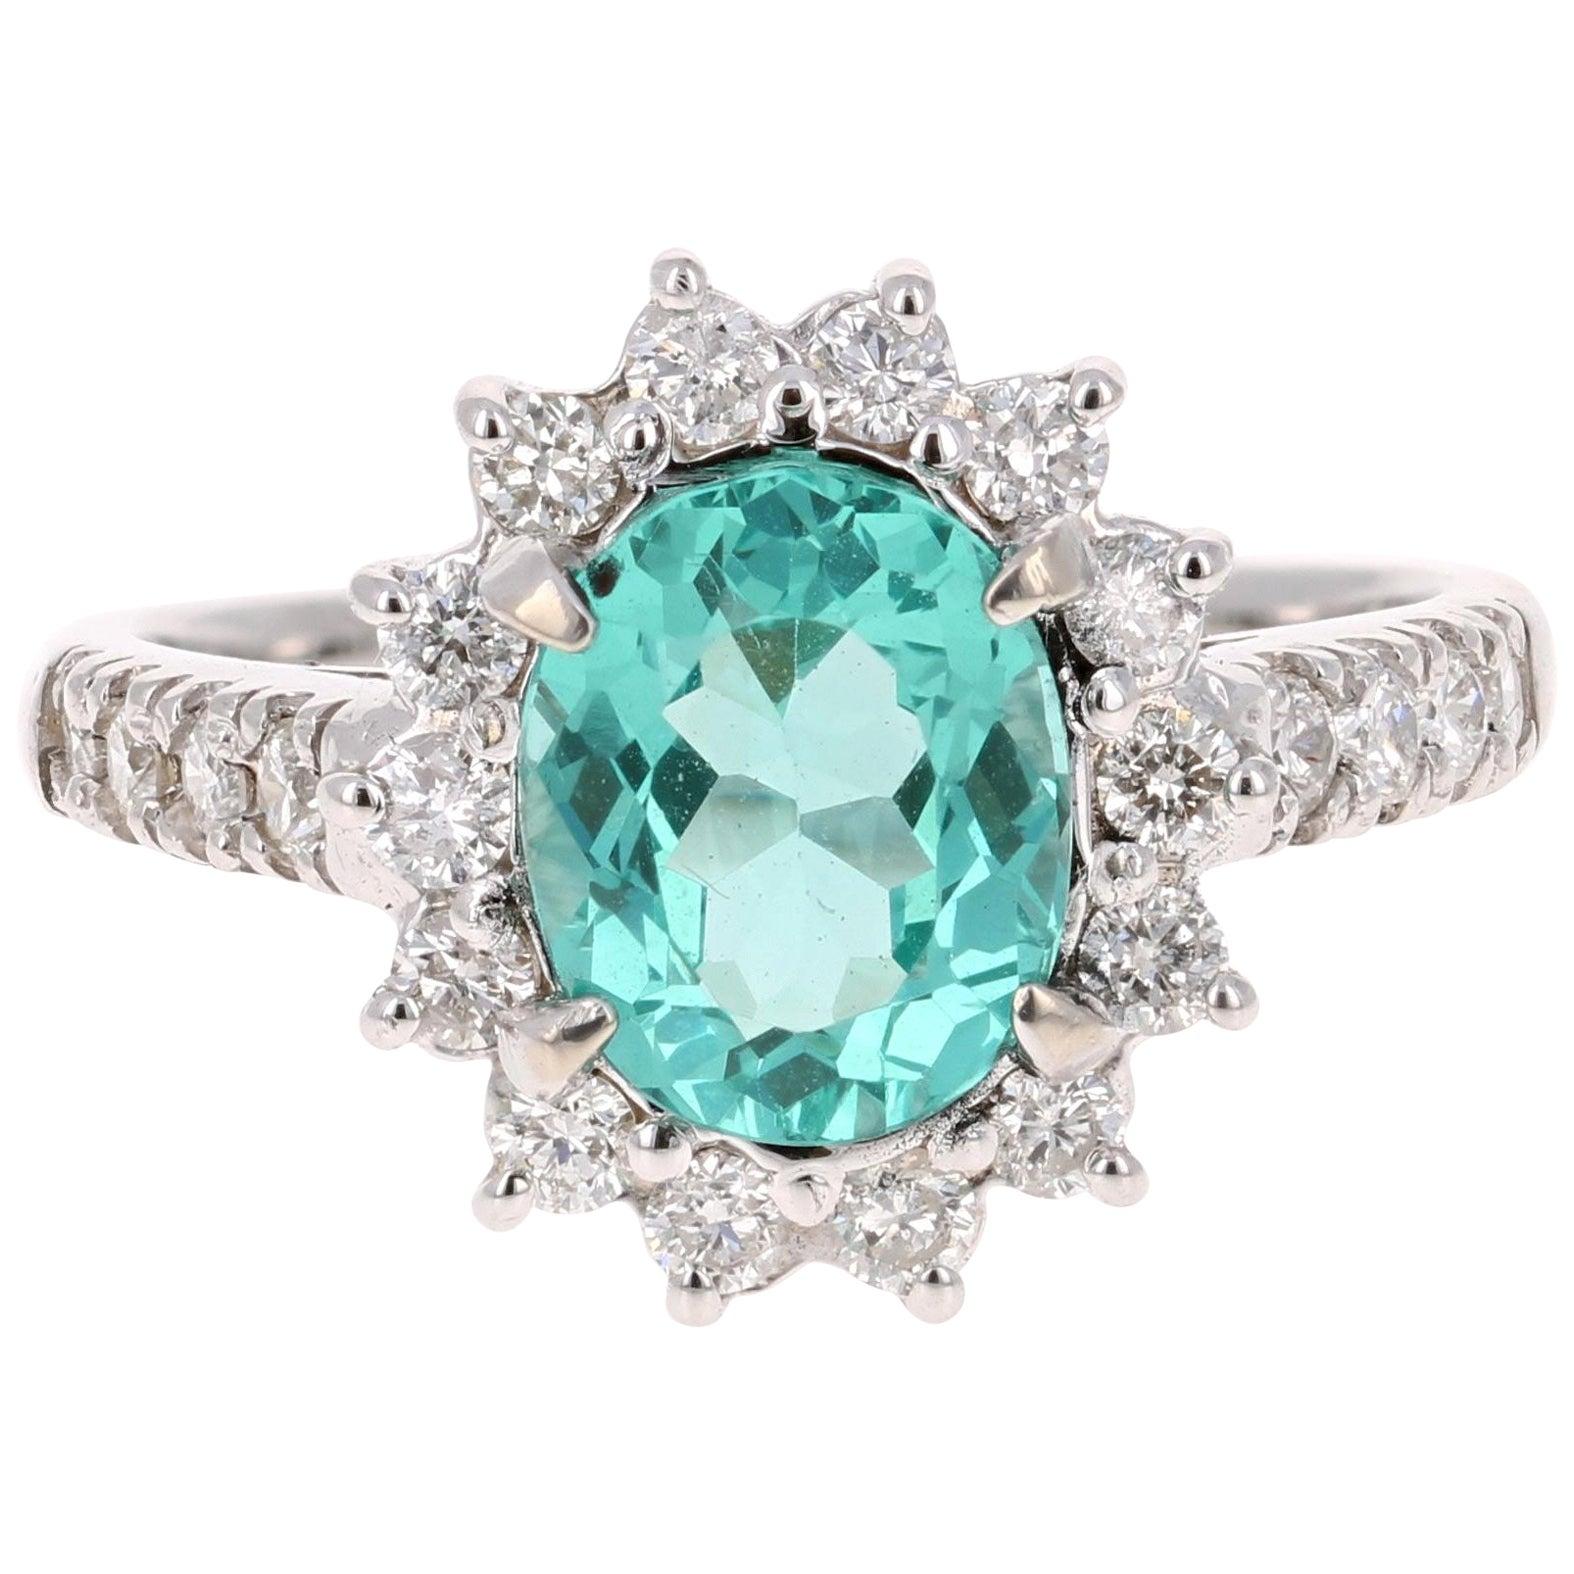 2.81 Carat Apatite Diamond White Gold Engagement Ring